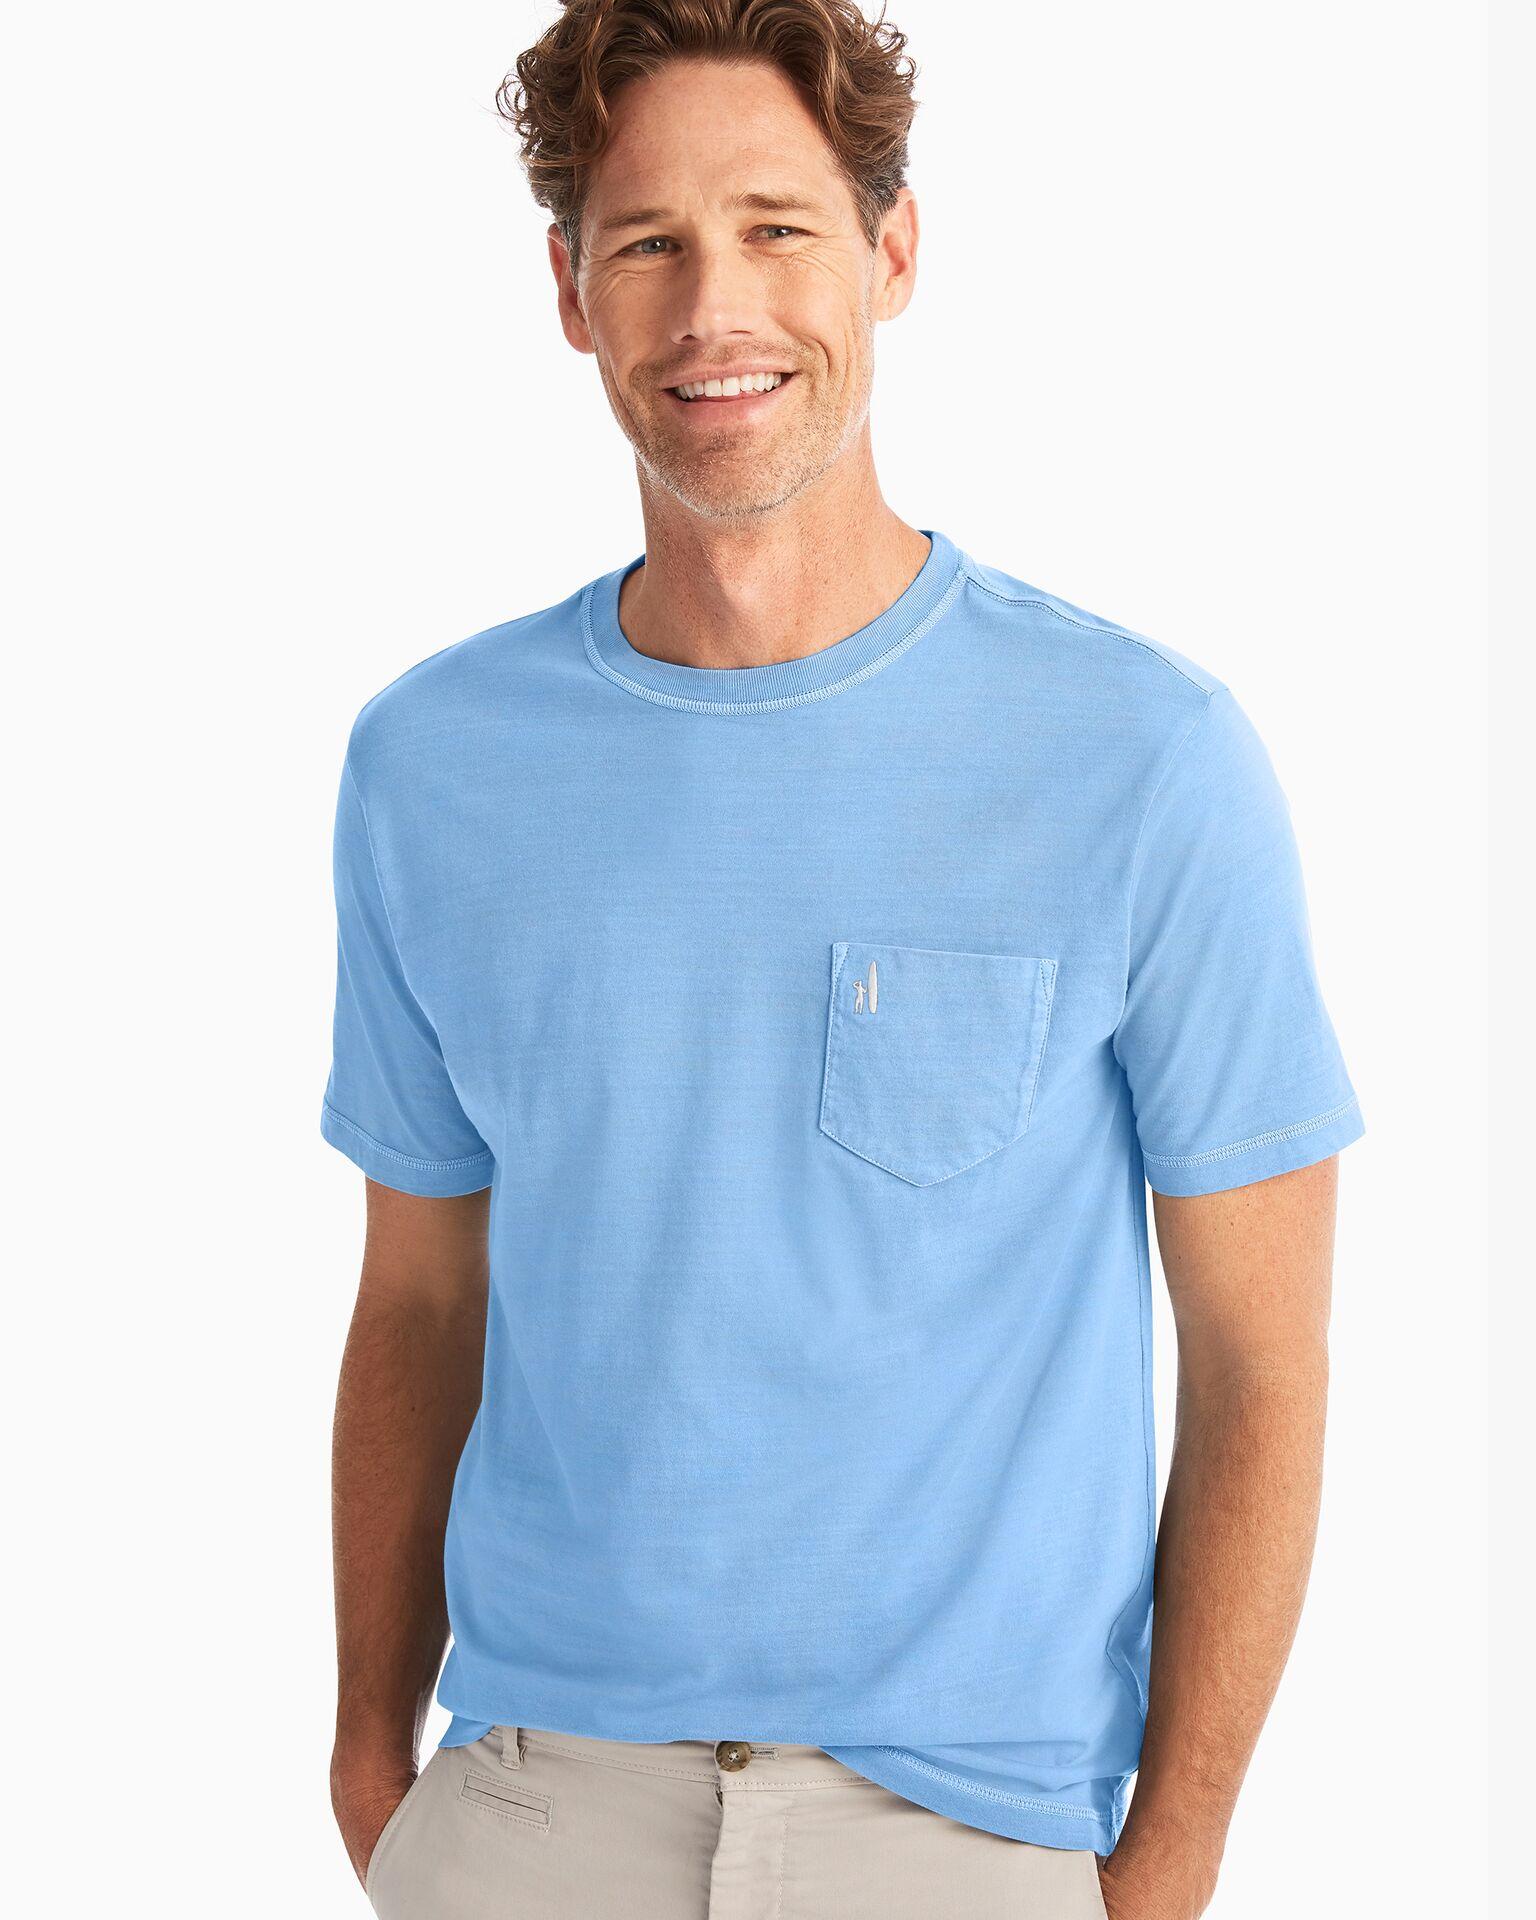 Dale T-Shirt (Maliblu)